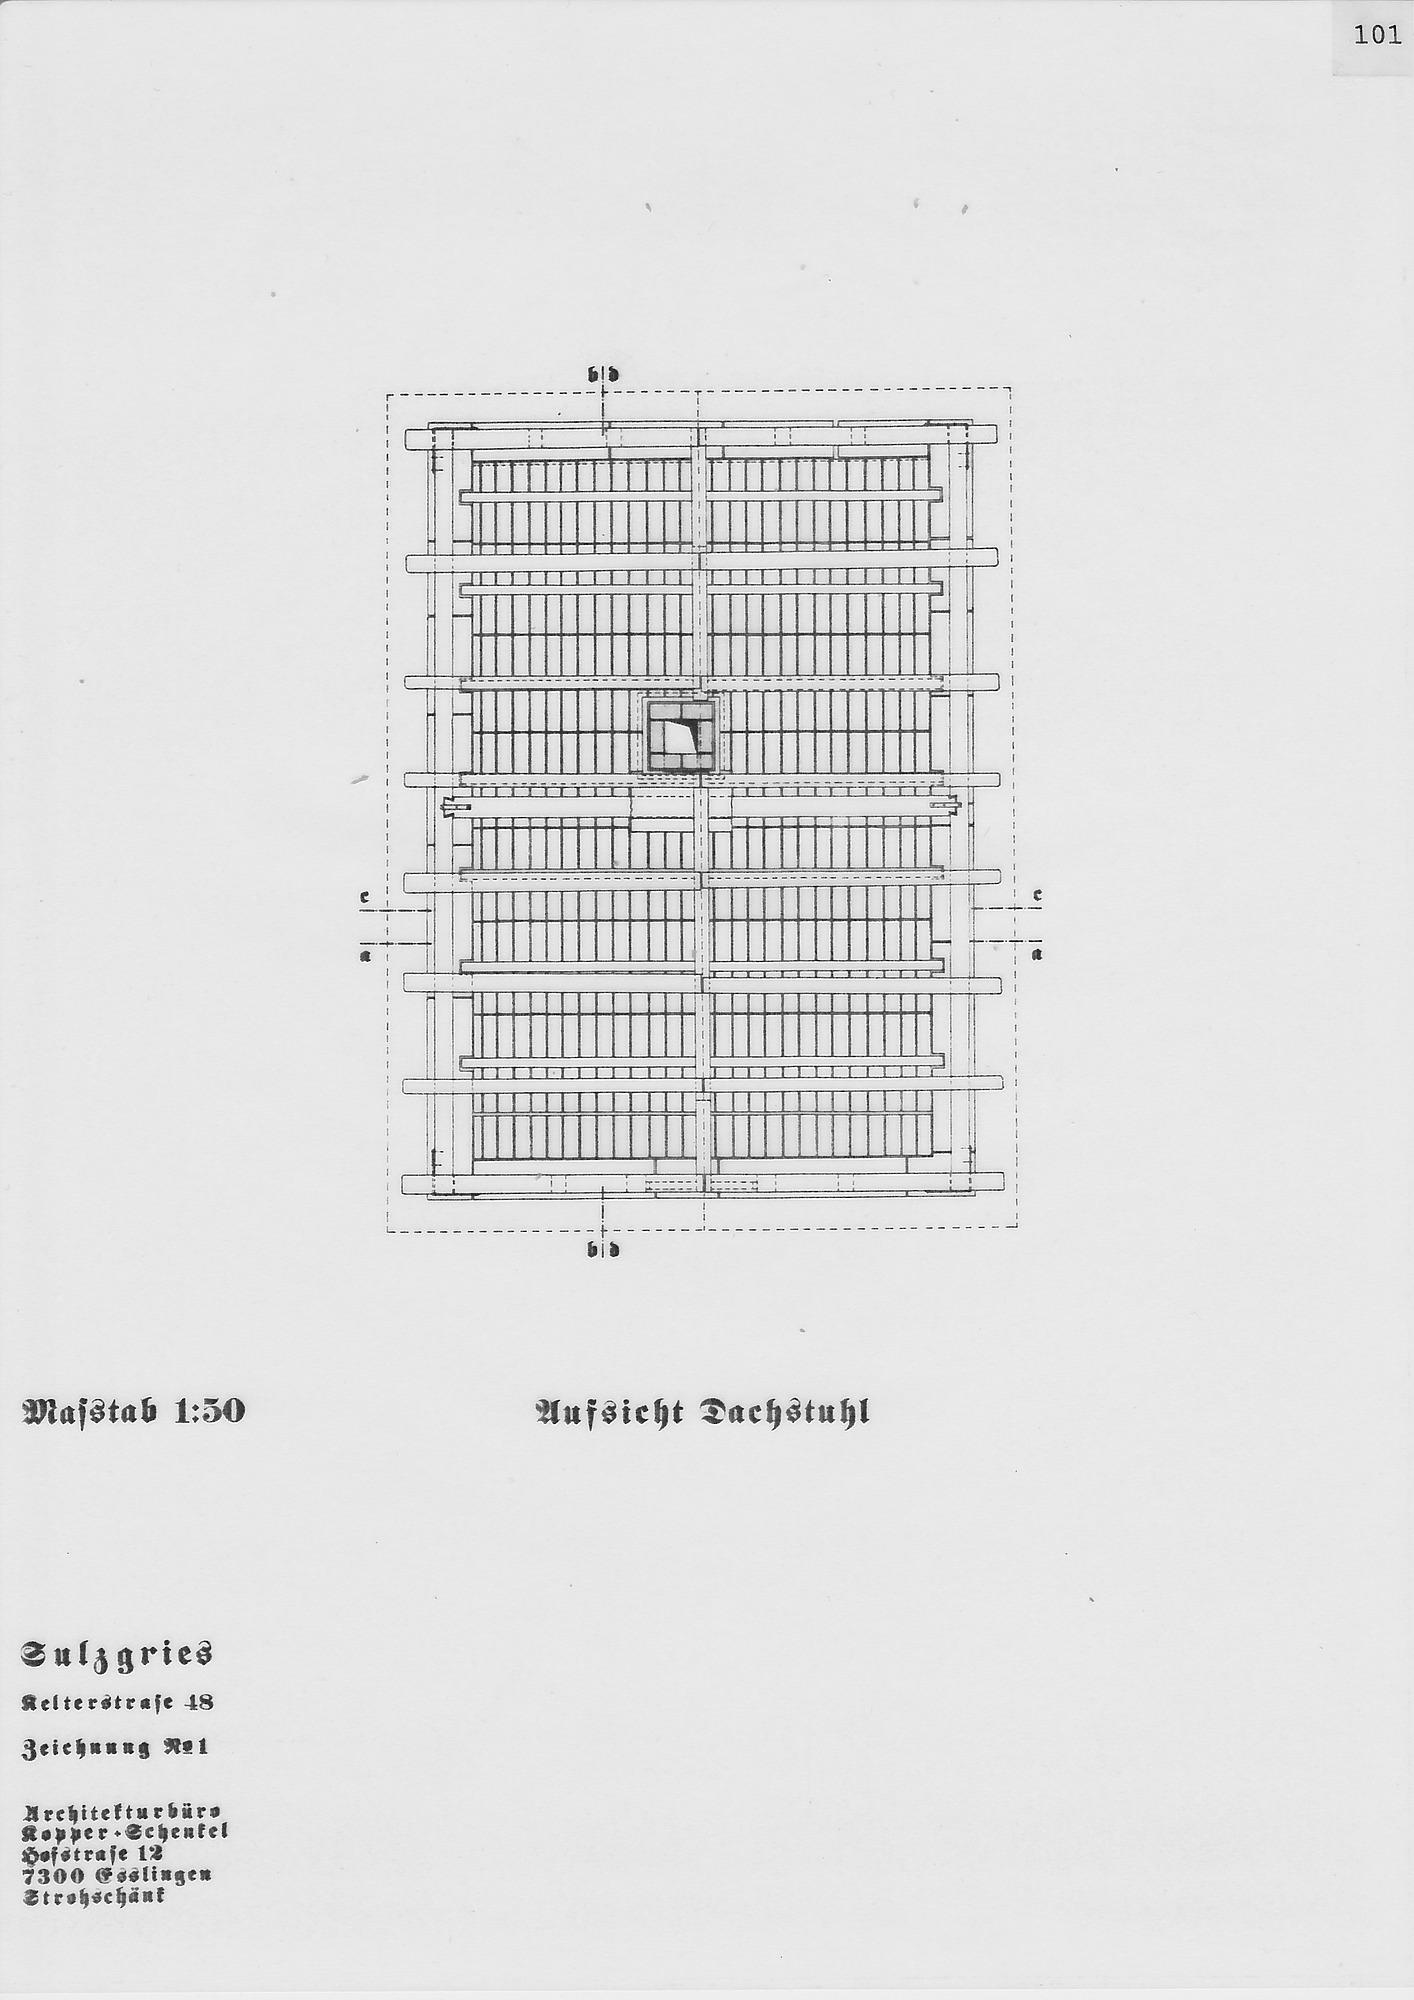 Charmant Blueprint Datenbank Ideen - Verdrahtungsideen - korsmi.info